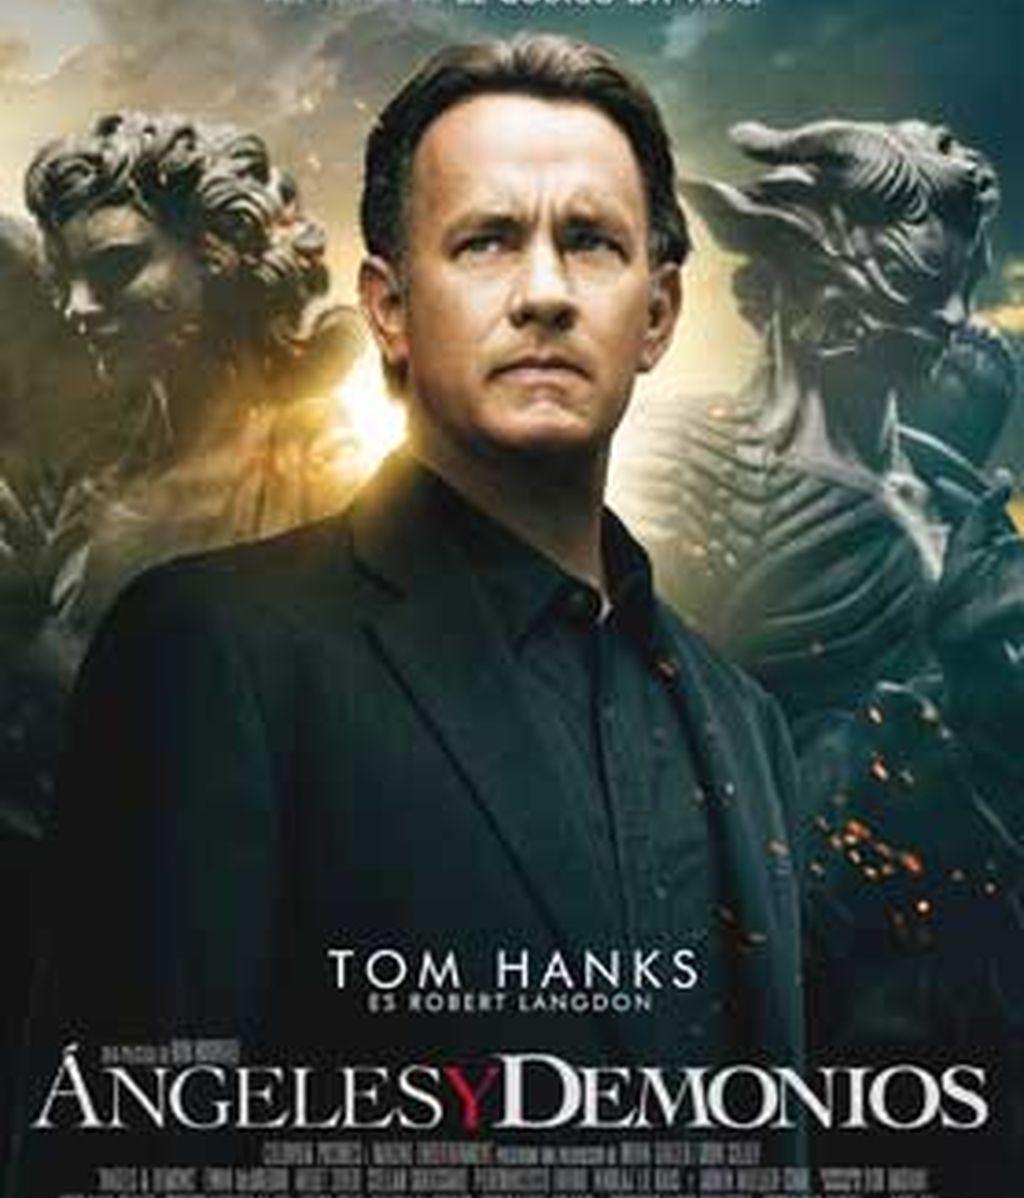 Tom Hanks, volverá a ser el protagonista de Ángeles y demonios, que regresa a los cines con polémica.  Poster Oficial de la película.